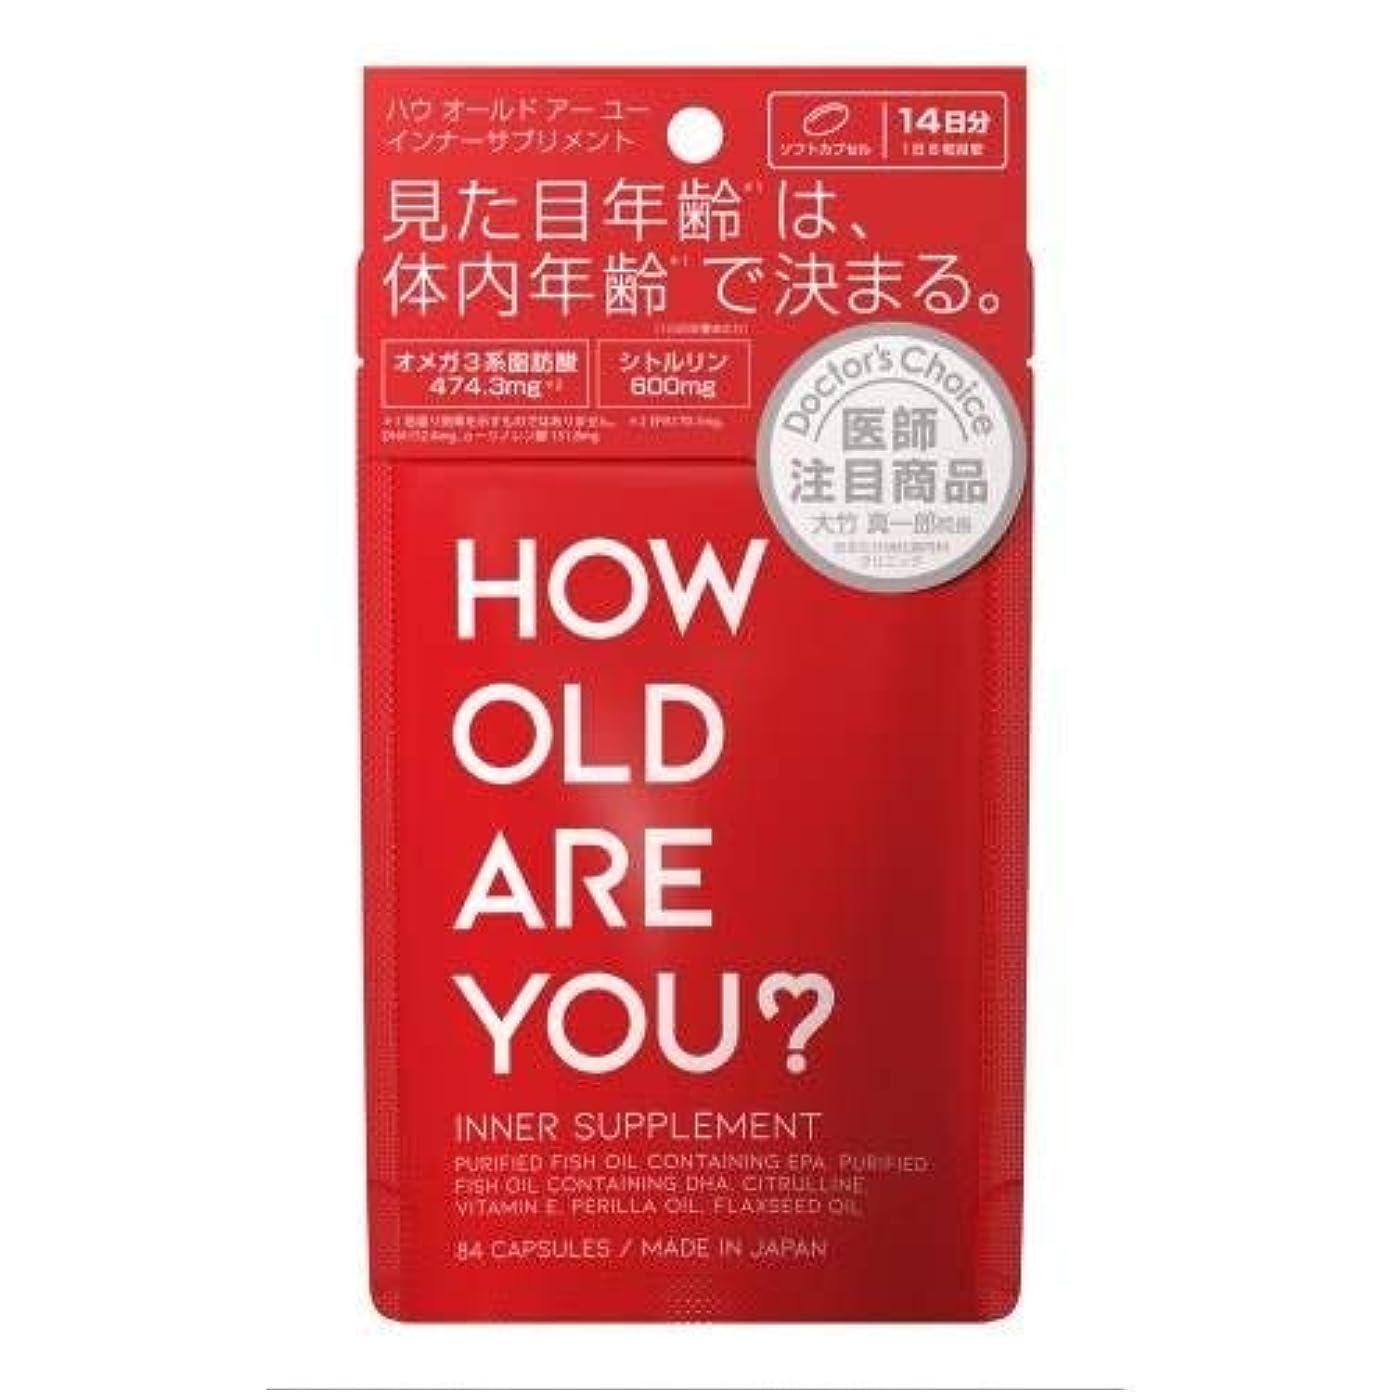 チョコレートシェード鼻【5個セット】HOW OLD ARE YOU?インナーサプリメント 84粒